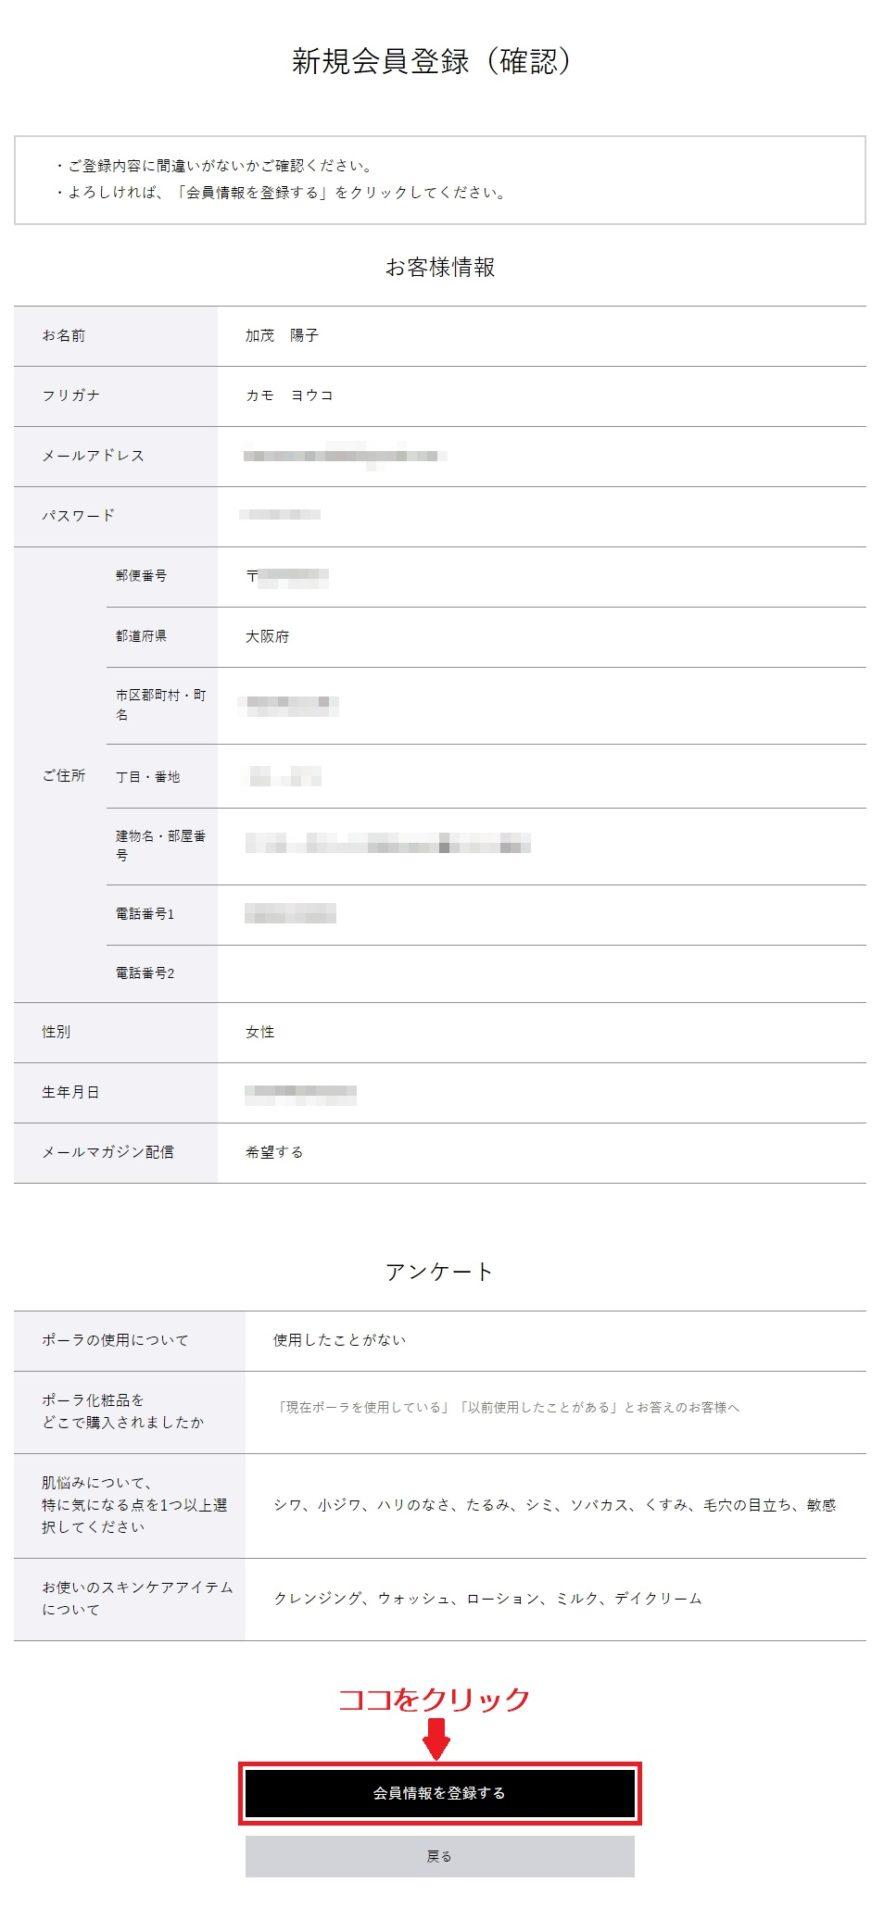 ⑧:会員情報を登録